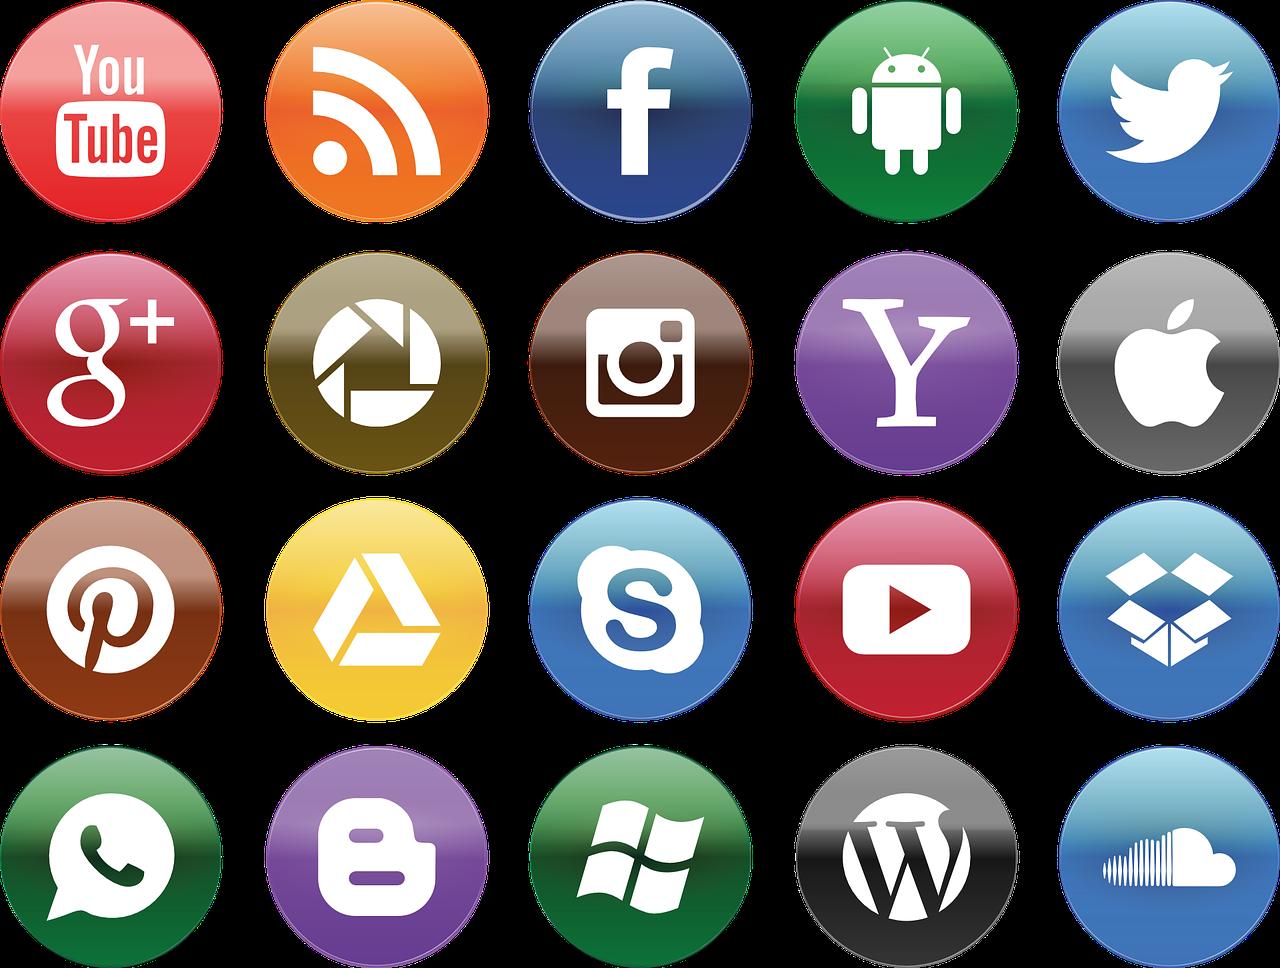 Création d'un site Internet Décines-Charpieu avec WordPress